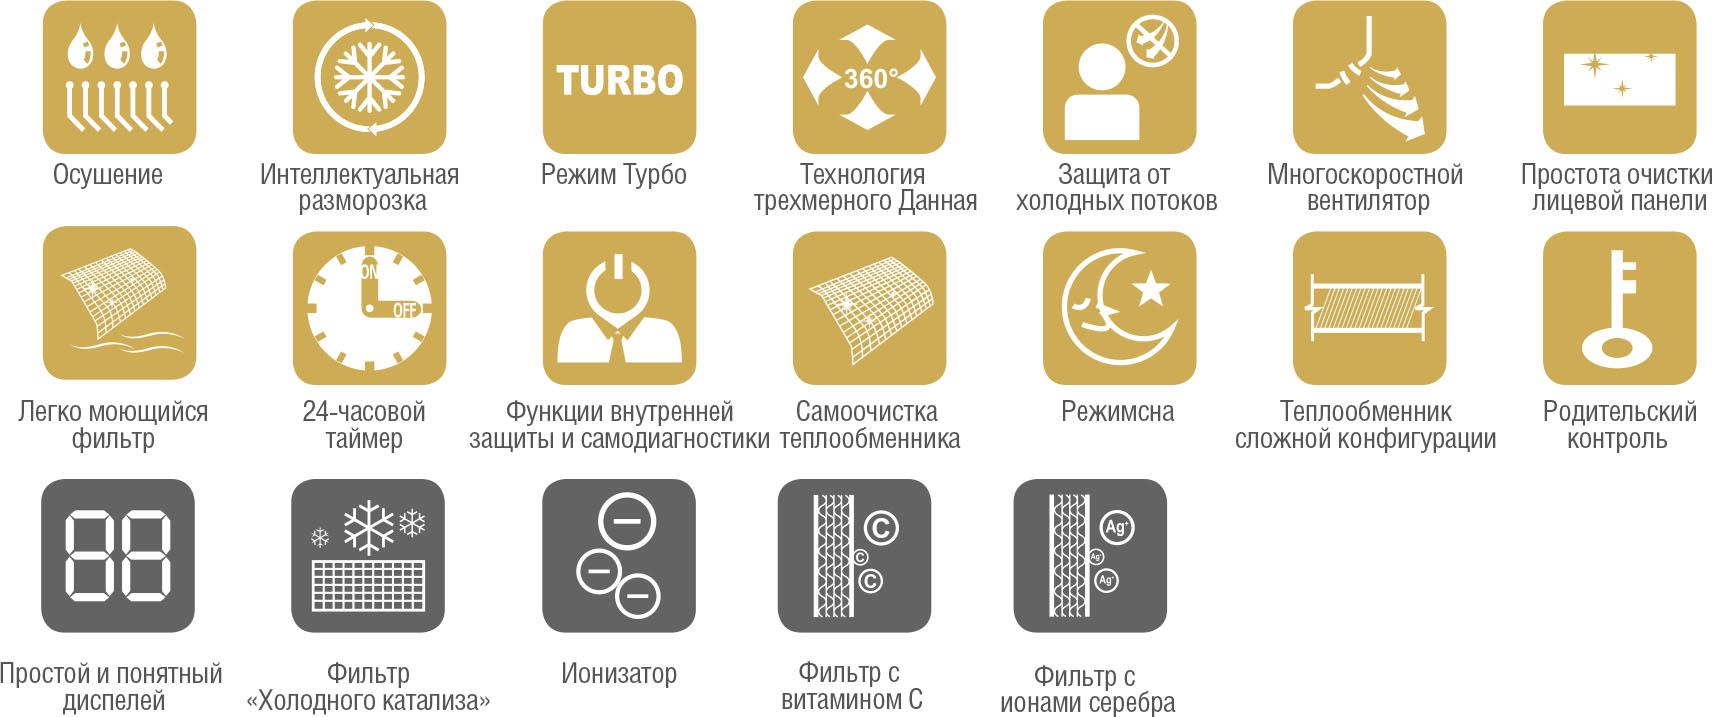 Функции и основные особенности кондиционера ChigoCS-70V3A-W156 серии Lotus 156 Inverter